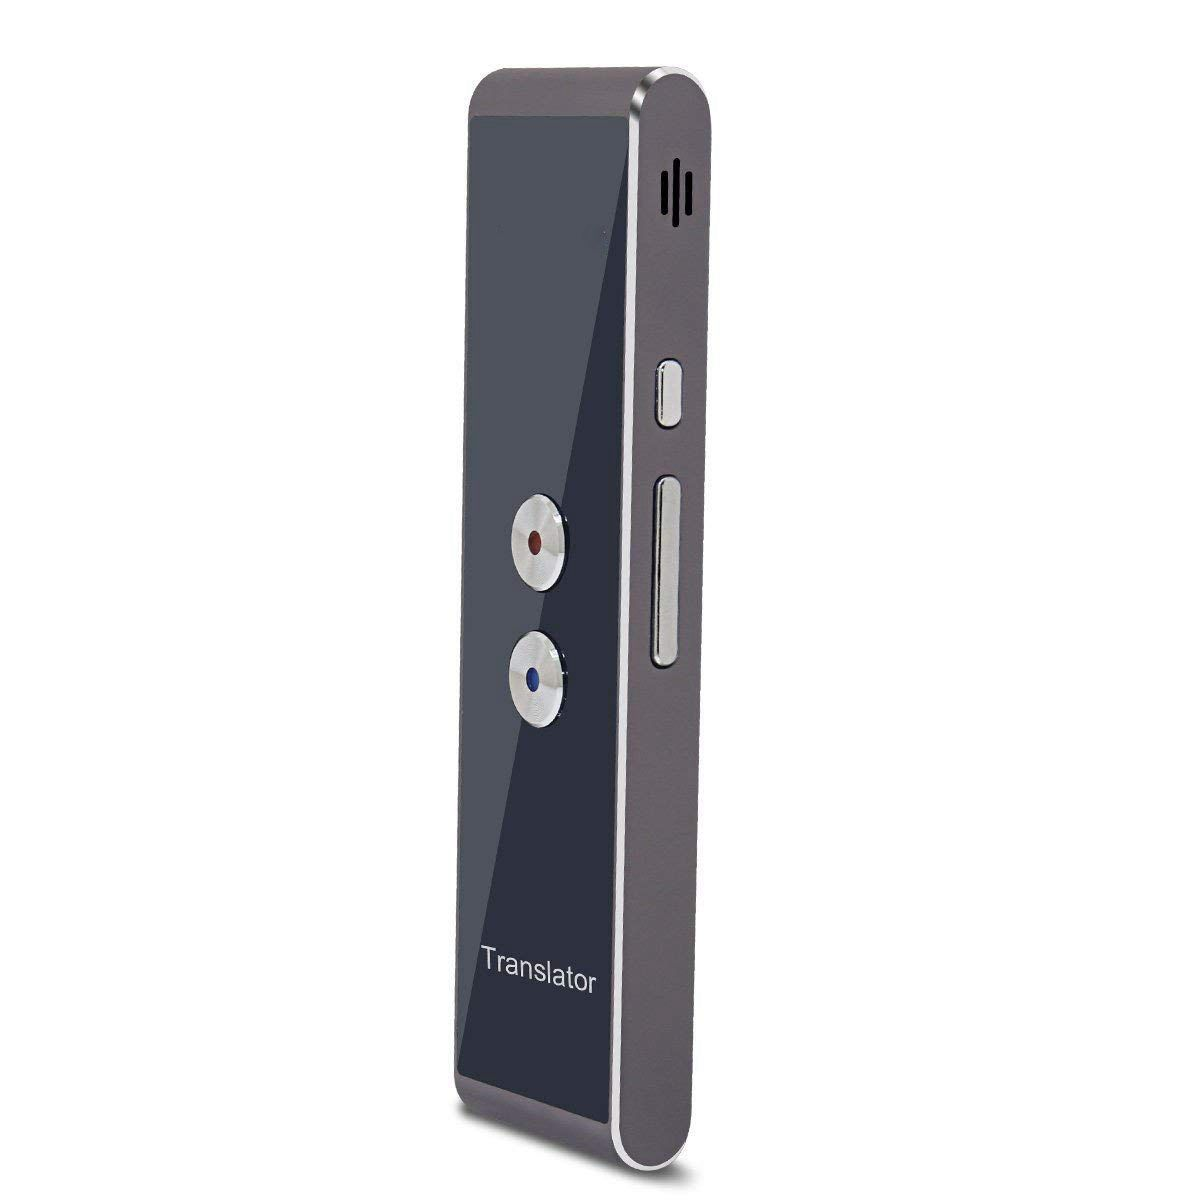 HOT-T8 Handheld Bolso Inteligente Discurso Tradução Tradutor De Voz Em Tempo Real, 30 + Línguas para Viagem de Negócios Comercial Reunião